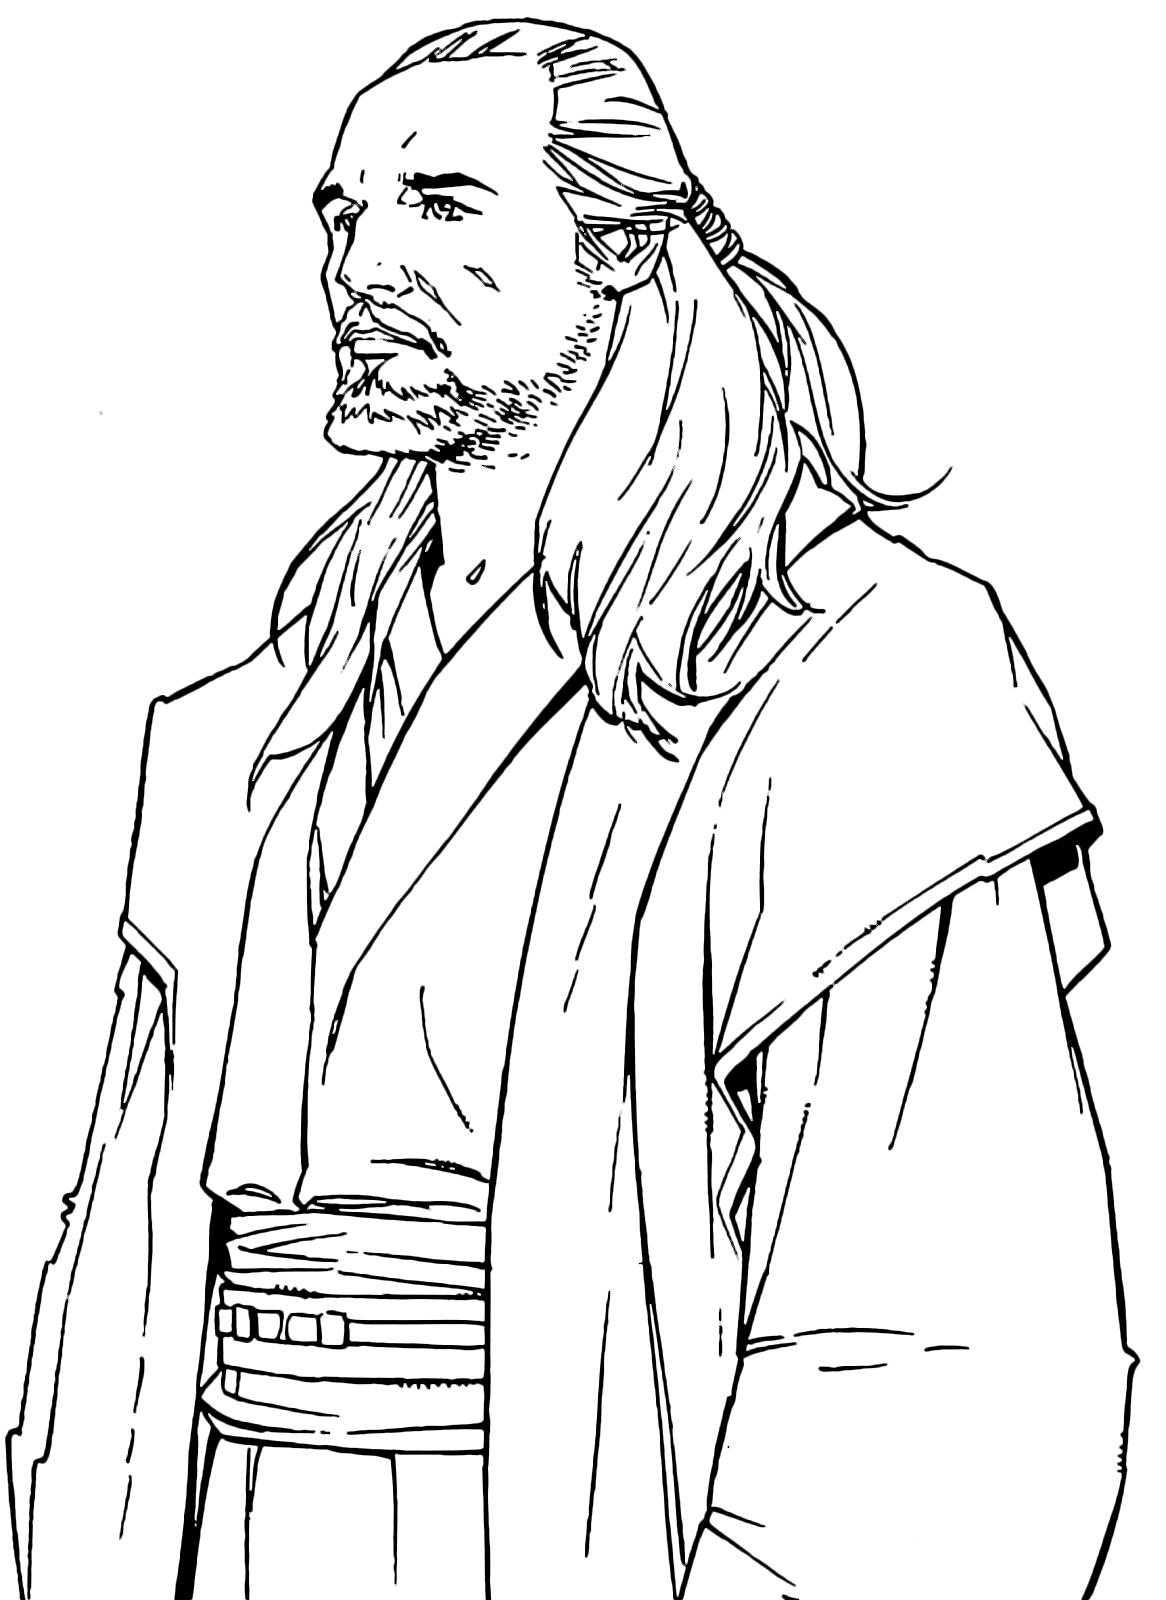 Qui Gon Jinn Coloring Page